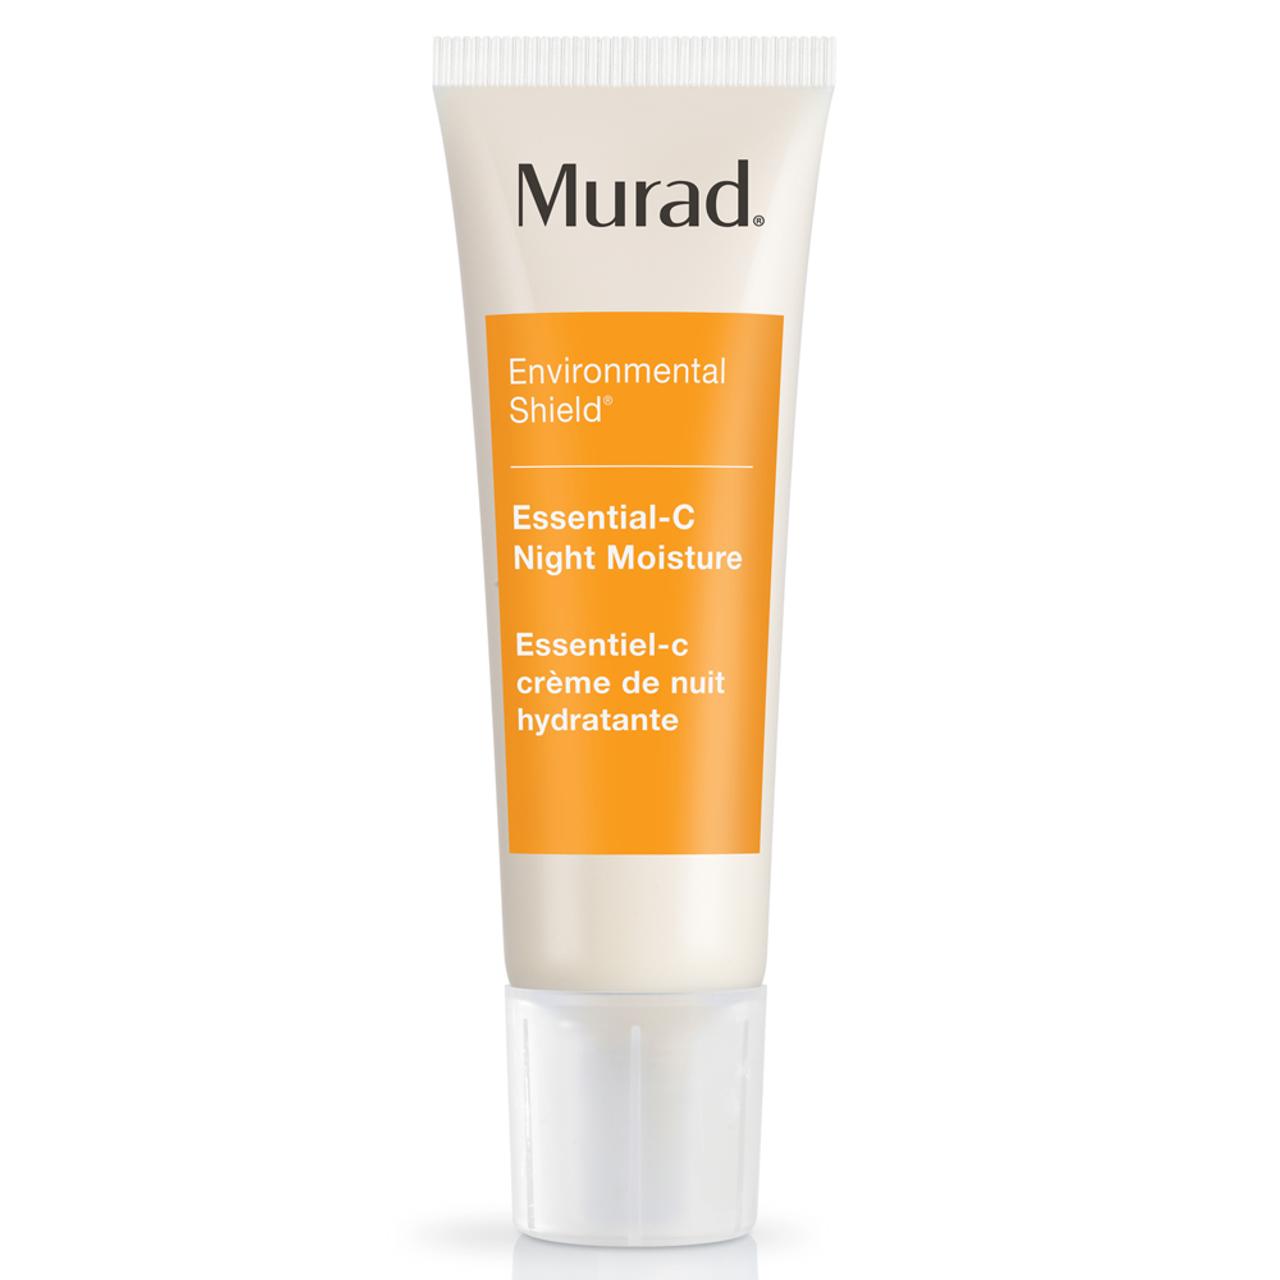 Murad Environmental Shield™ Essential-C Night Moisture 1.7 oz